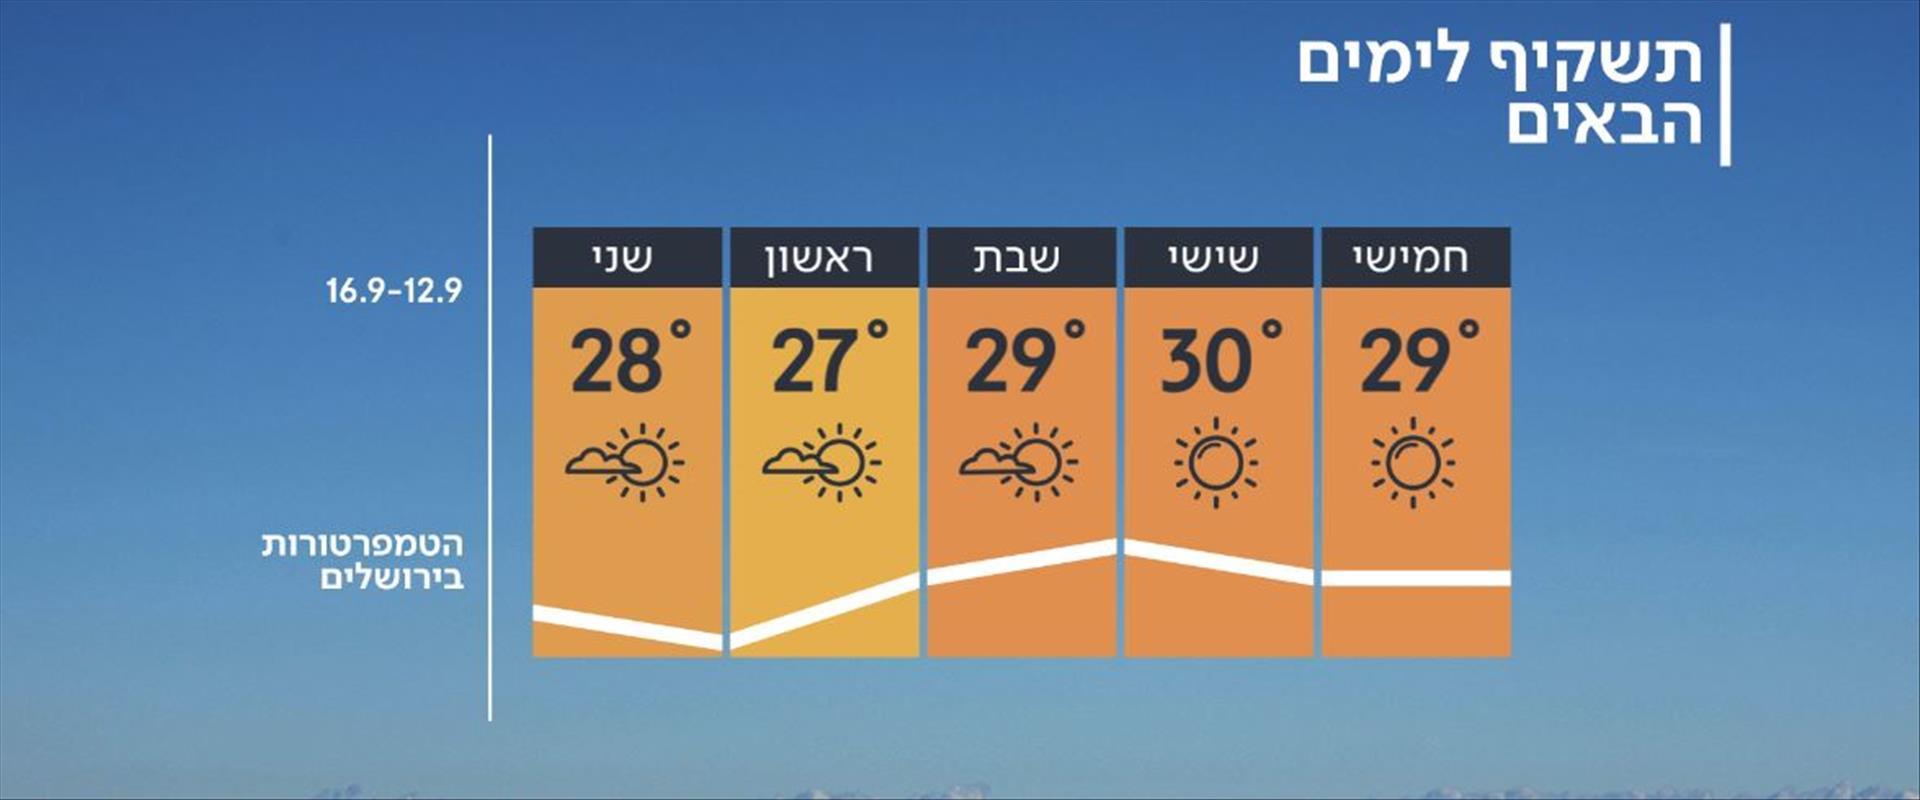 תחזית מזג האוויר לימים הקרובים